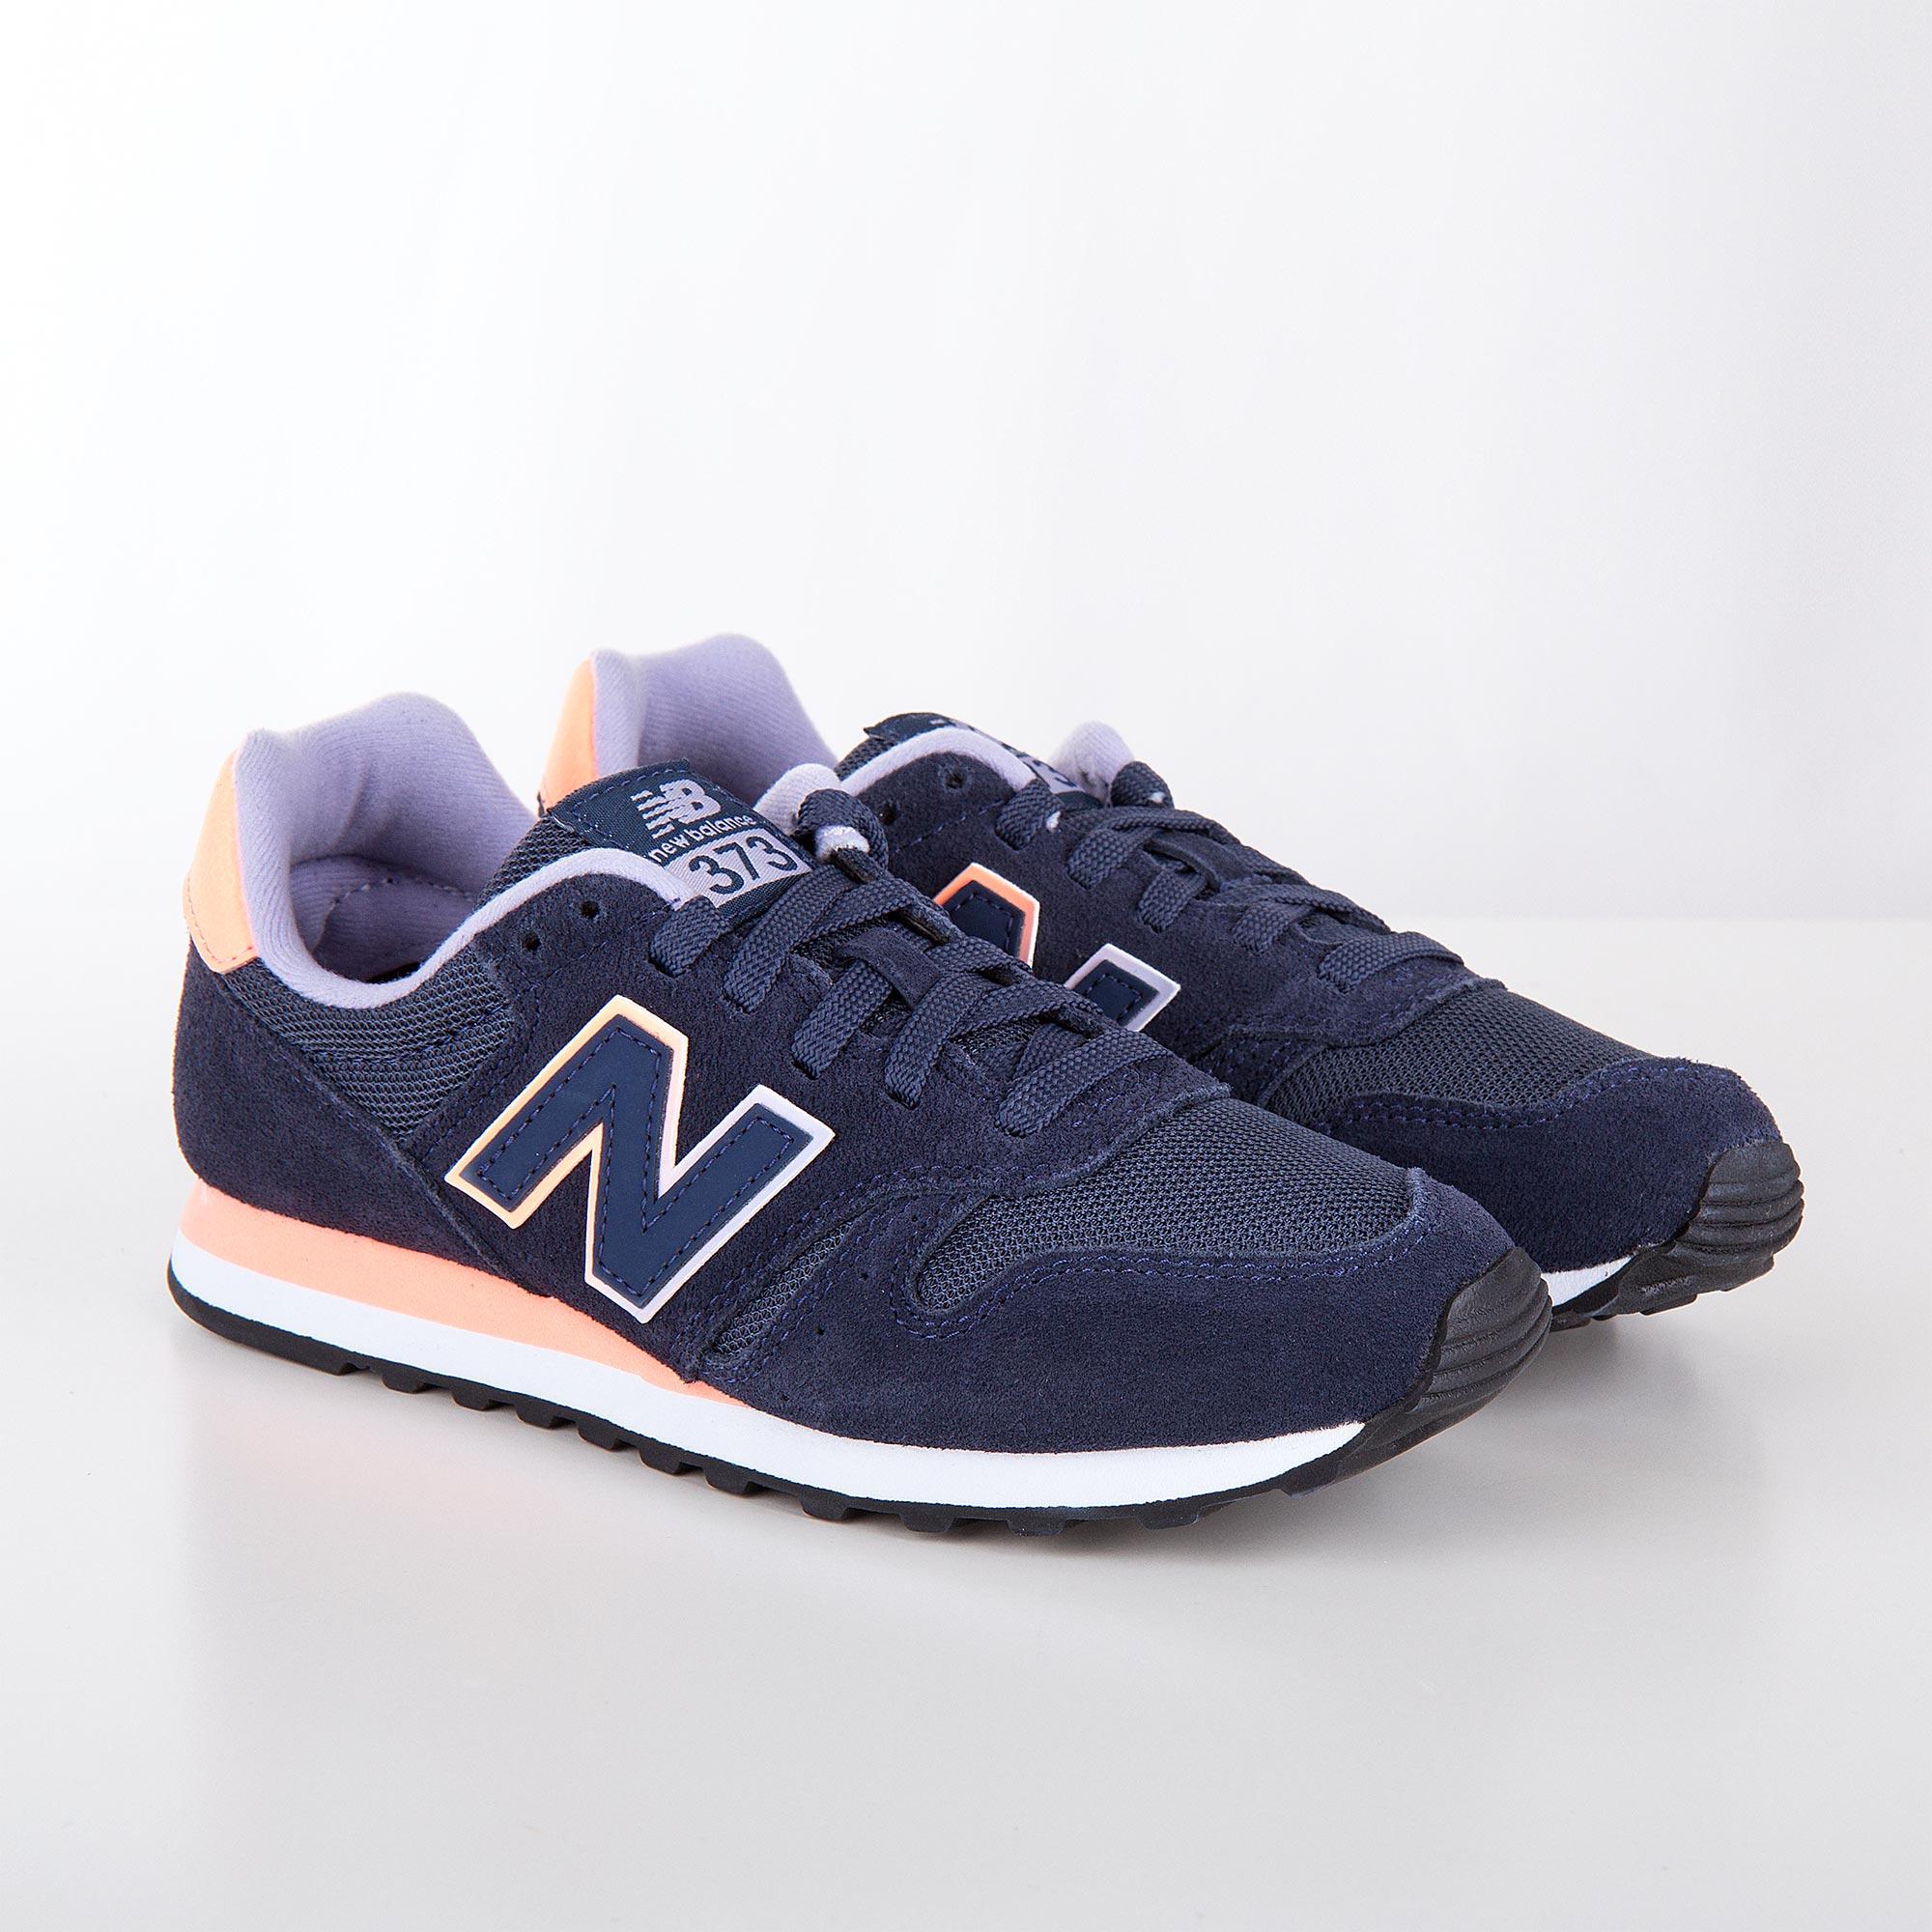 acheter en ligne 4b656 4353f Baskets sneakers WL373GN bleu navy femme NEW BALANCE